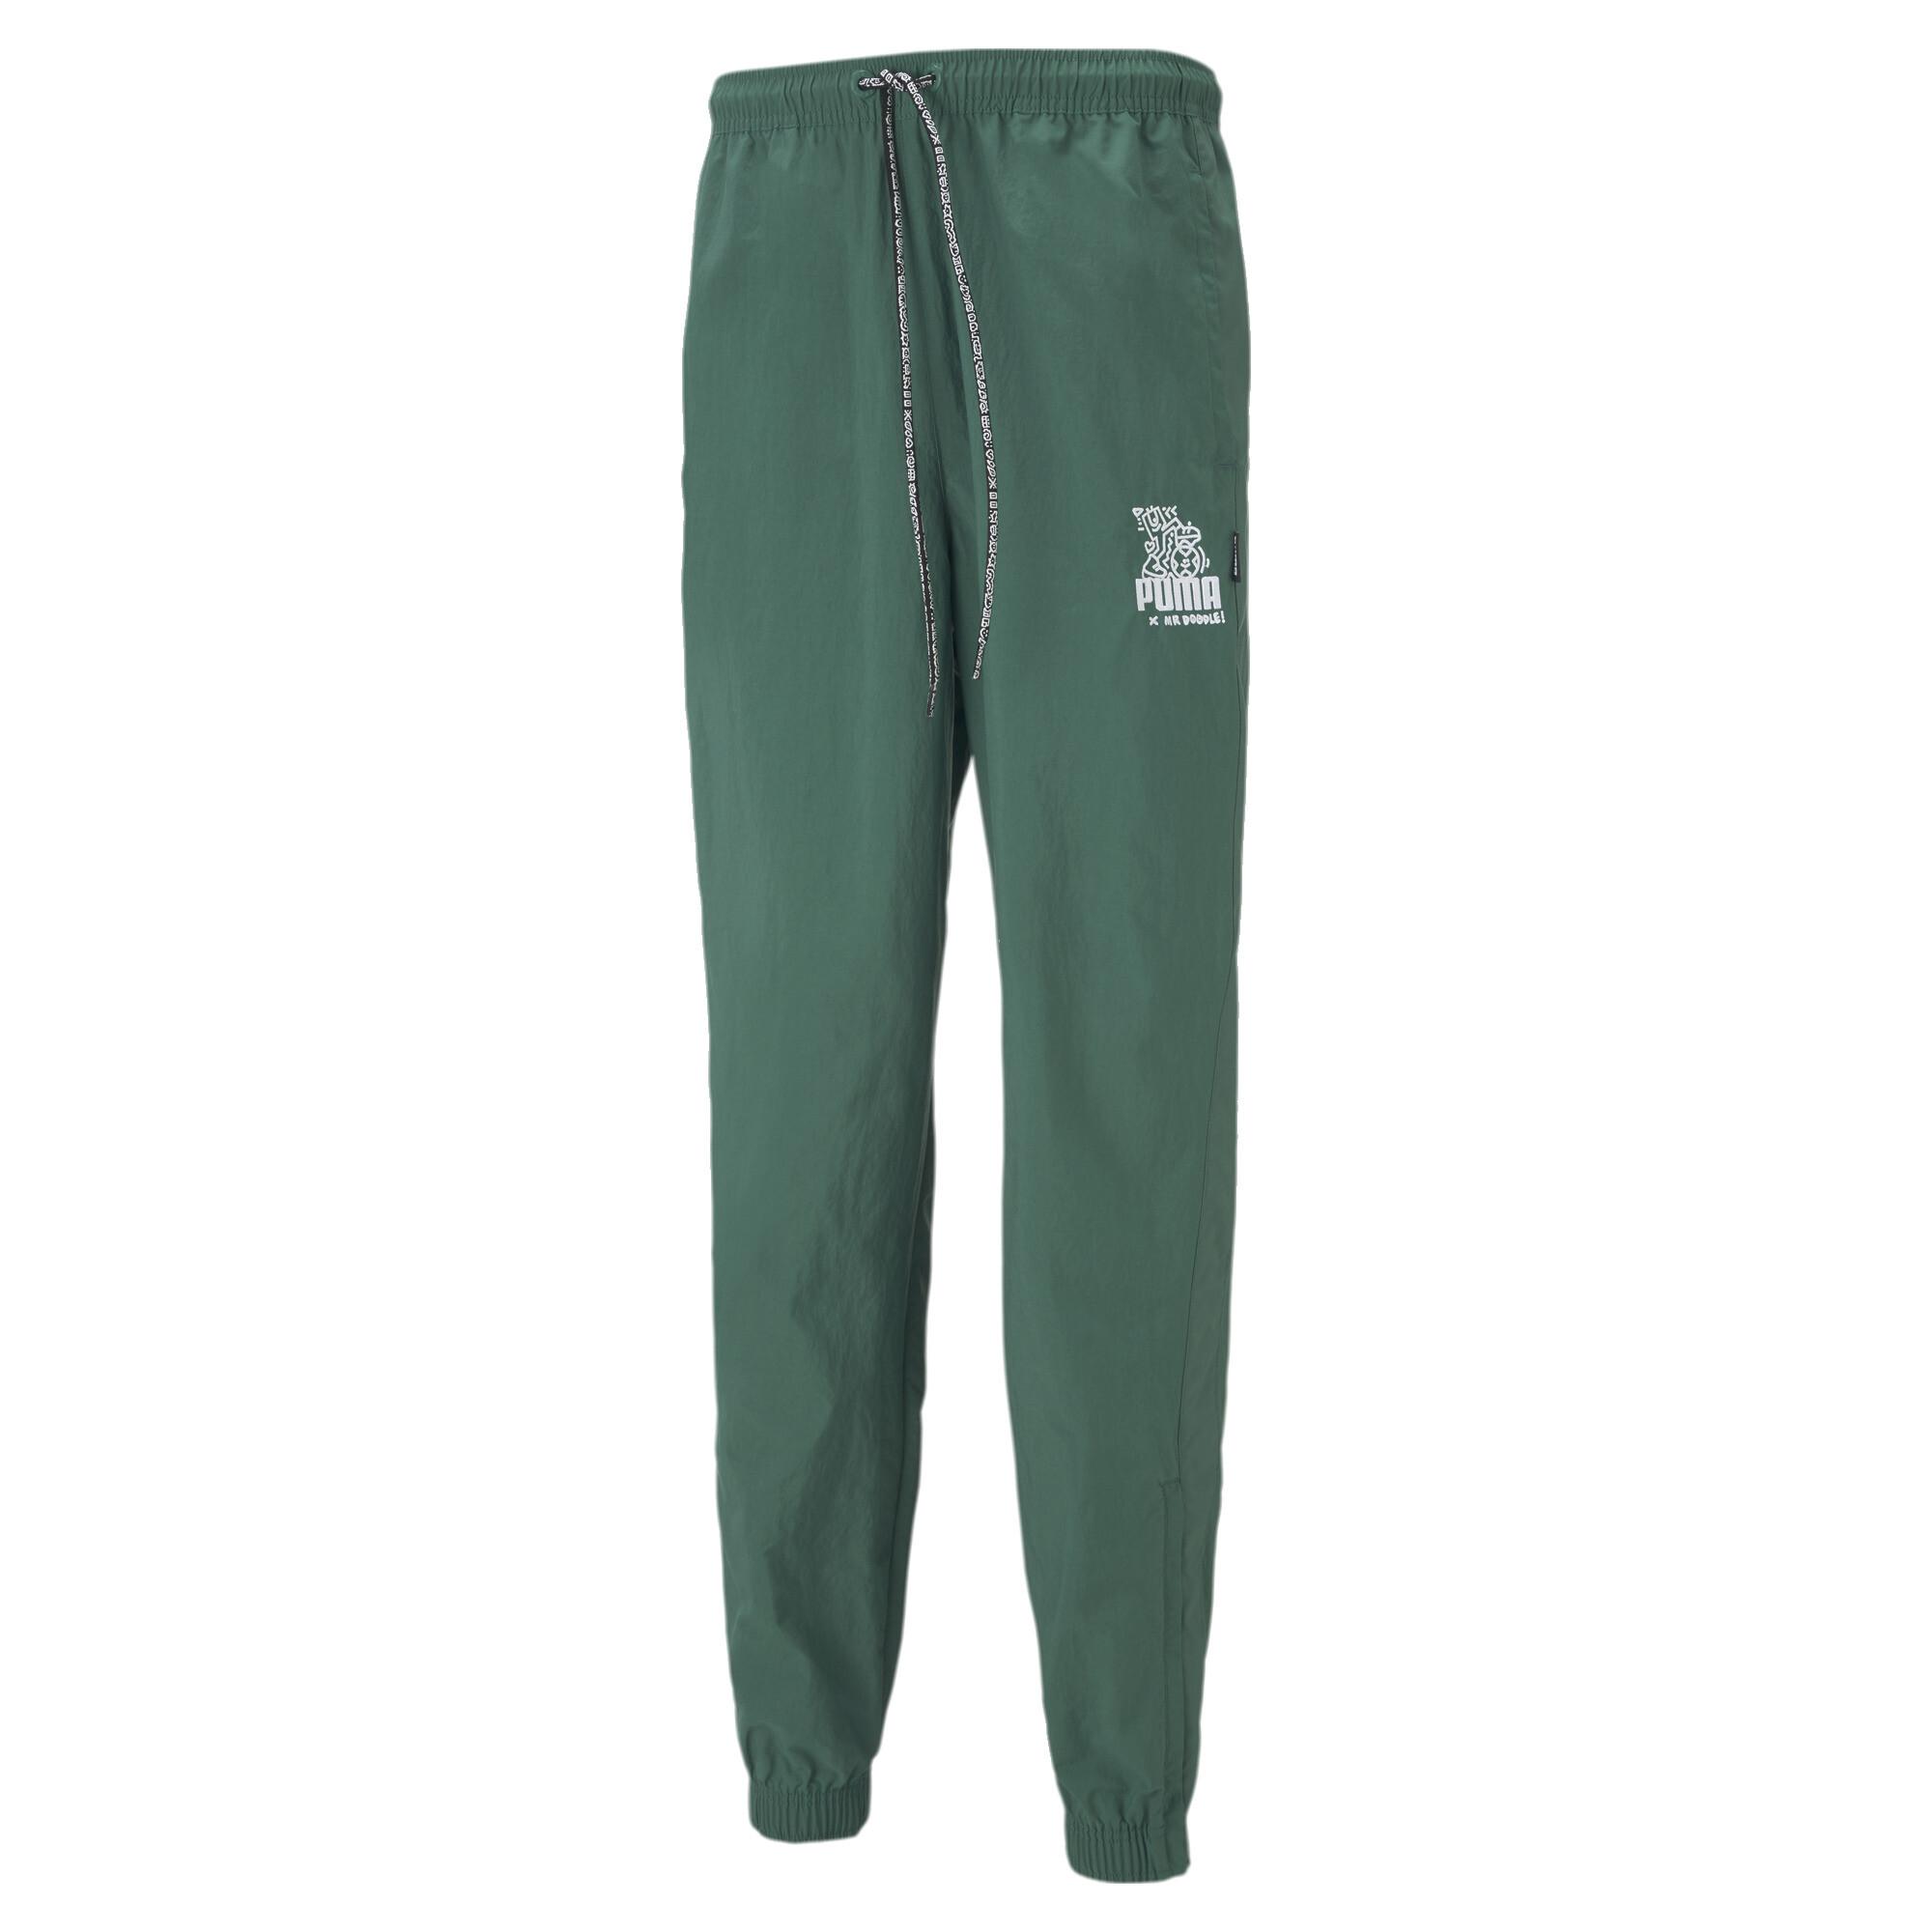 【プーマ公式通販】 プーマ PUMA x MR DOODLE パンツ メンズ Covert Green  PUMA.com